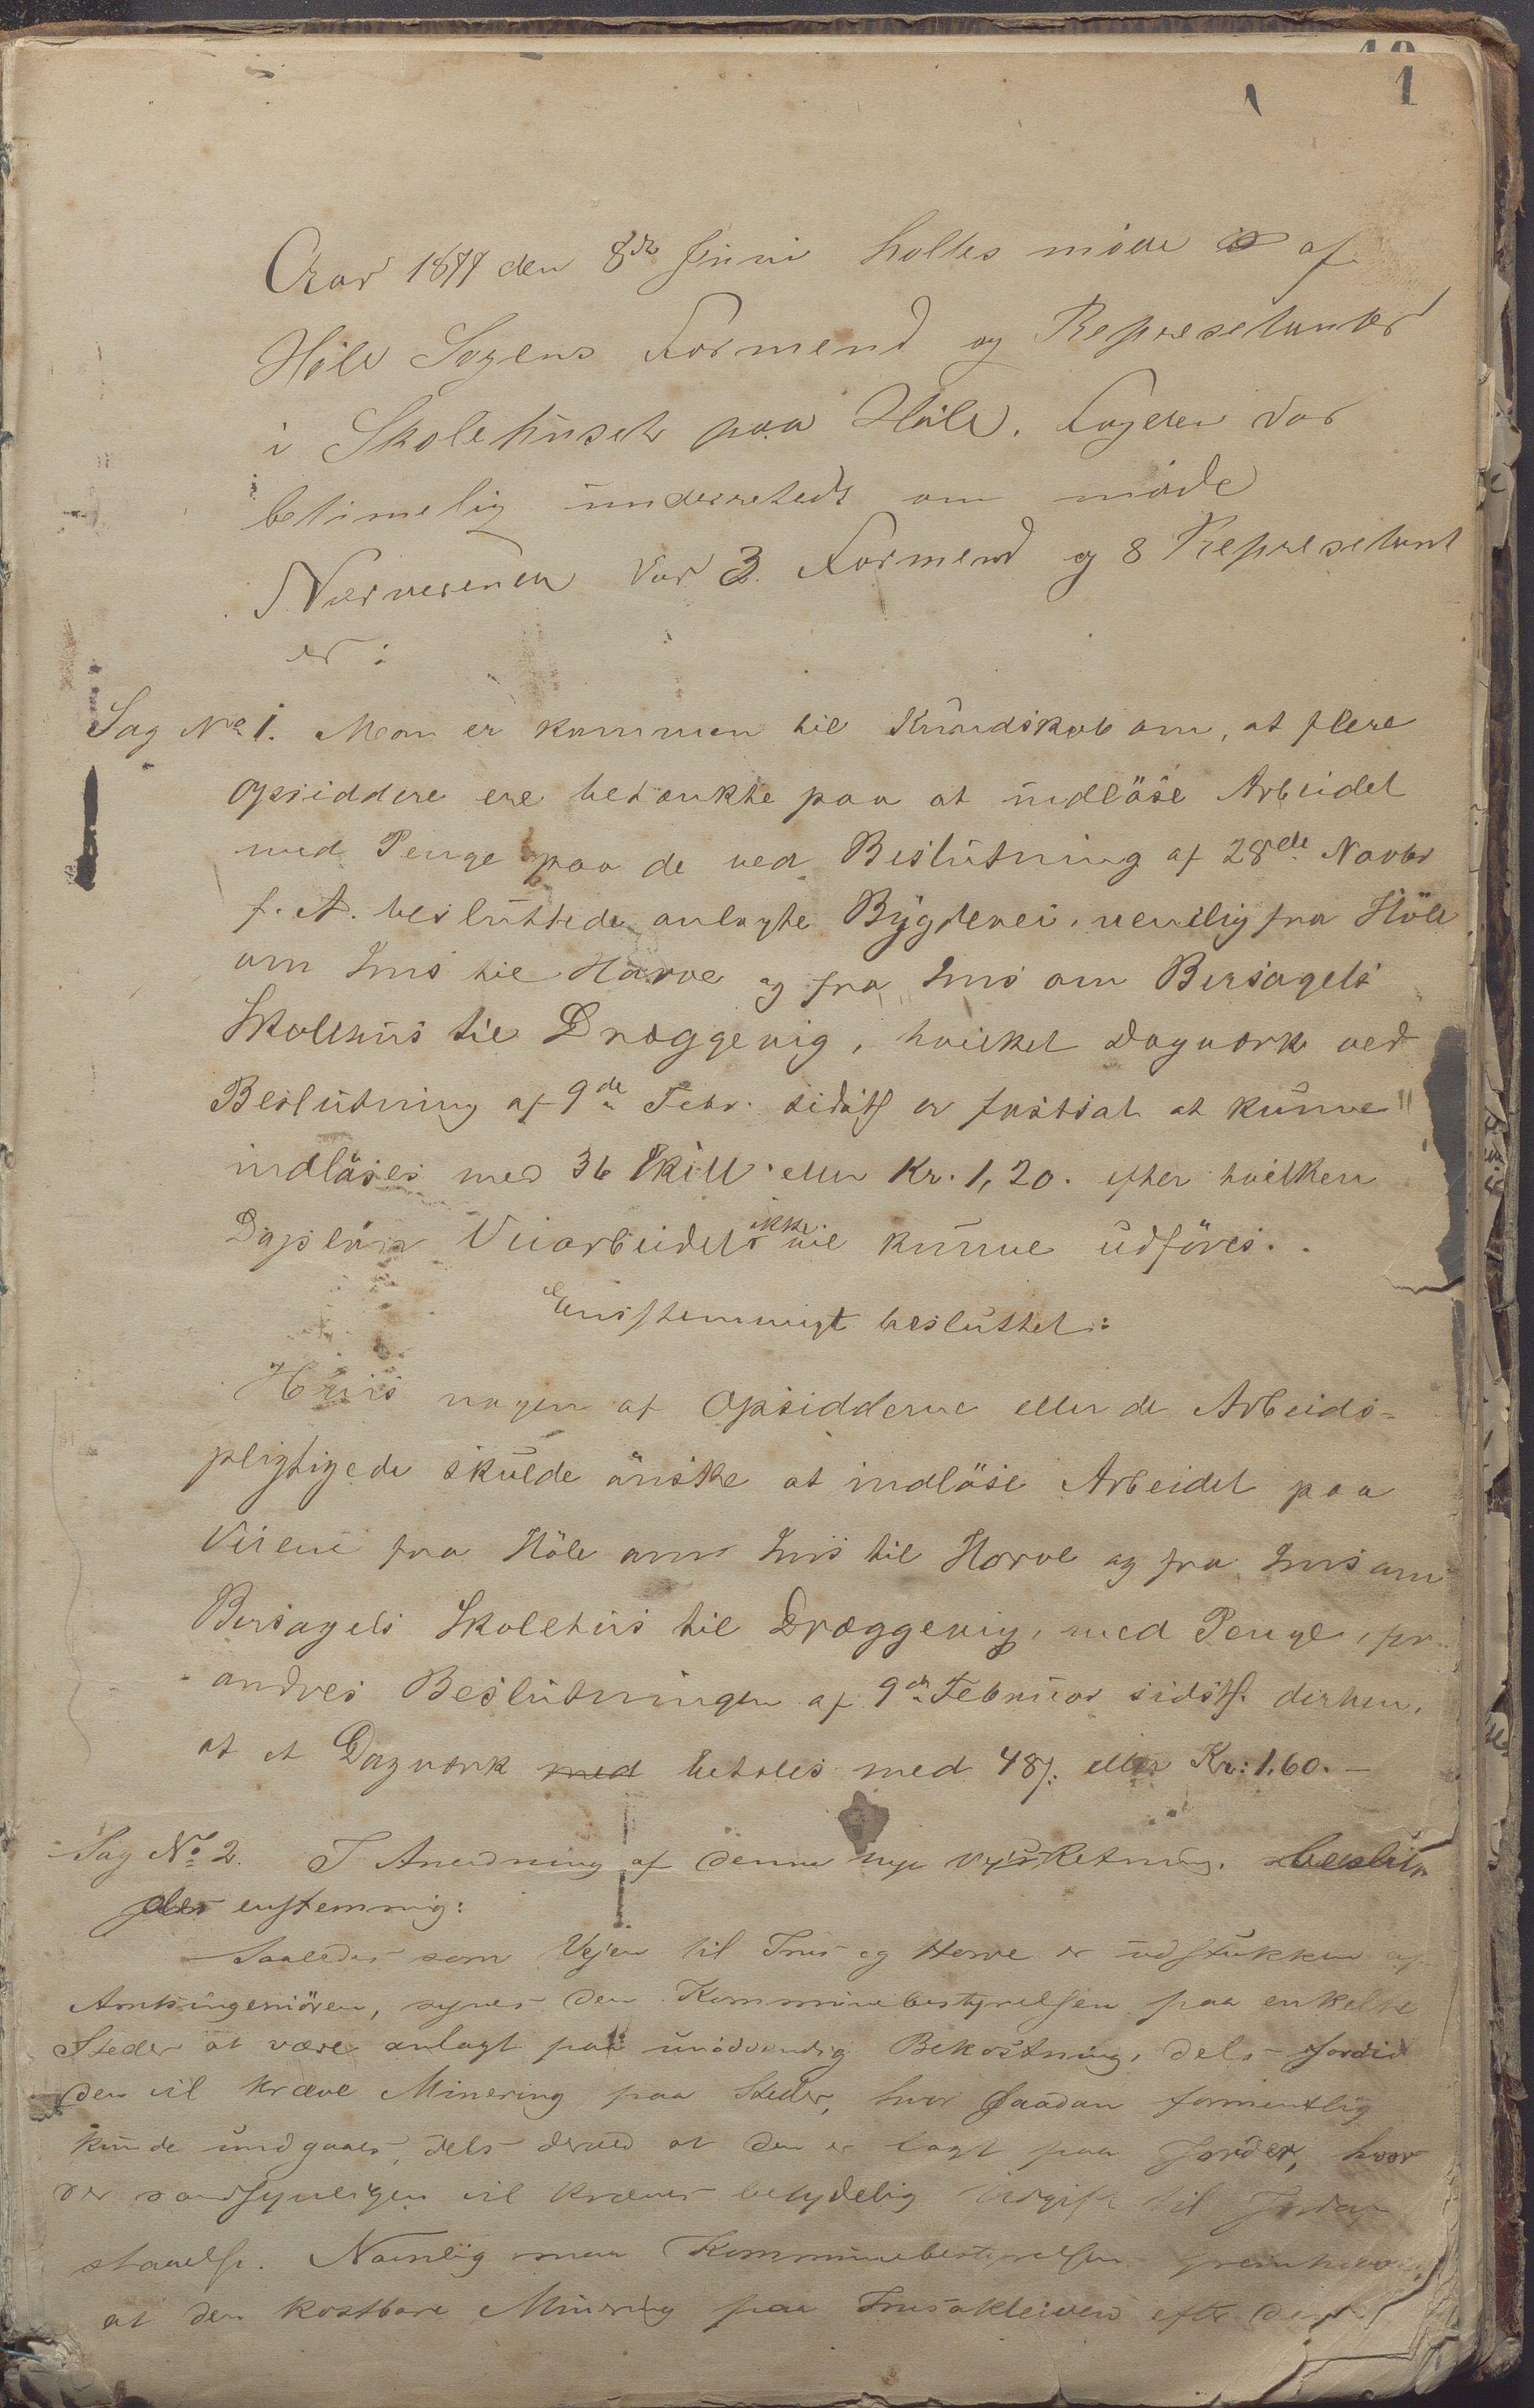 IKAR, Høle kommune - Formannskapet, Aa/L0003: Møtebok, 1877-1889, s. 1